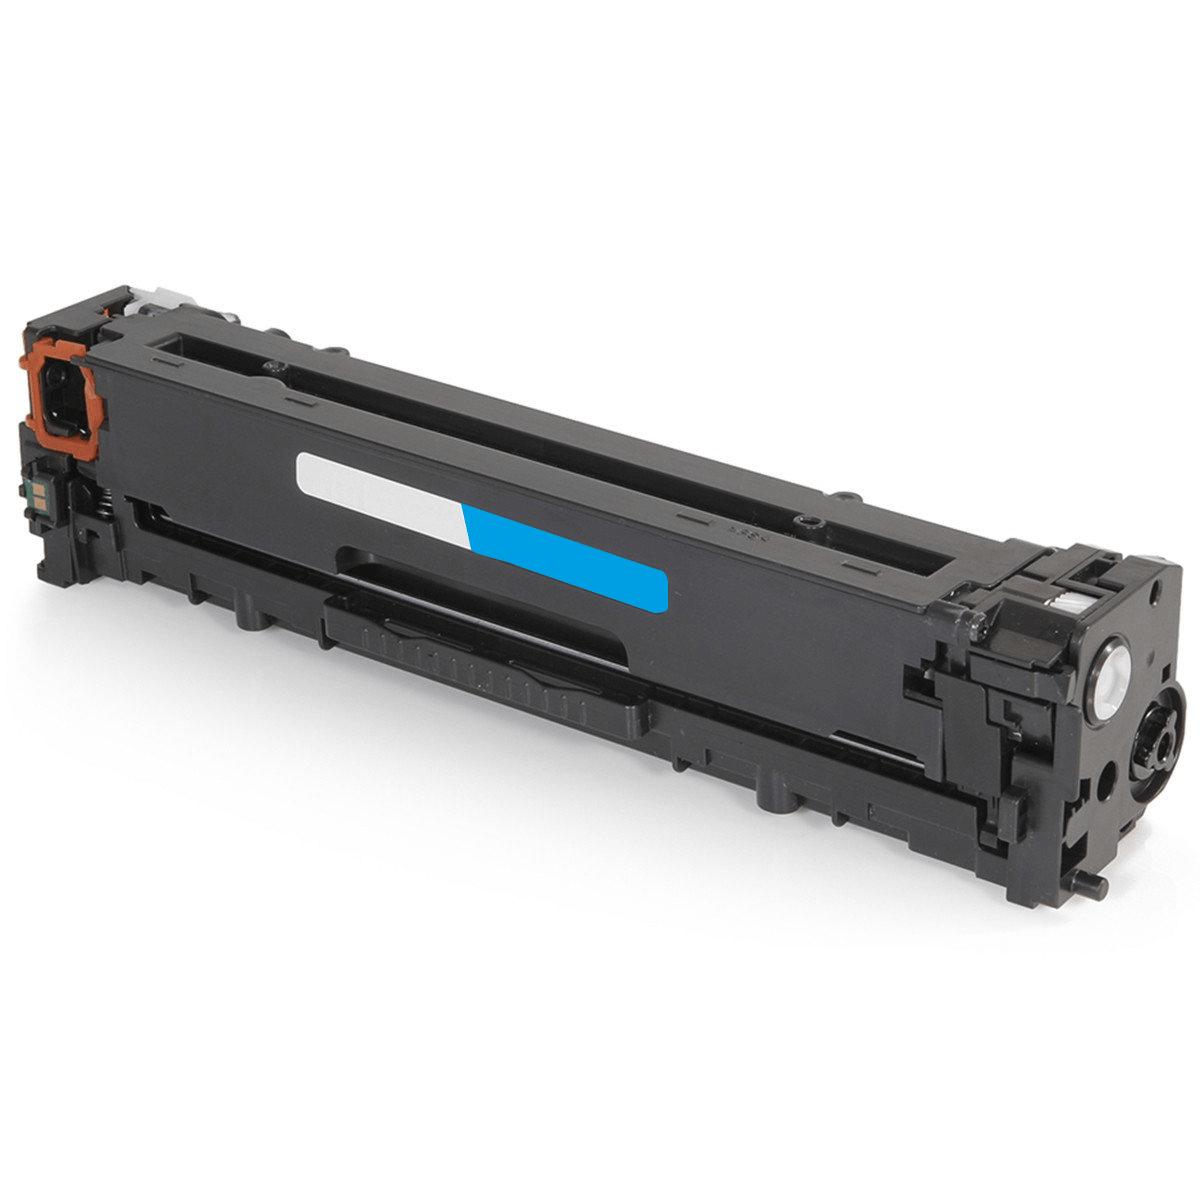 Toner Compatível HP 541/ 321/ 211A Ciano